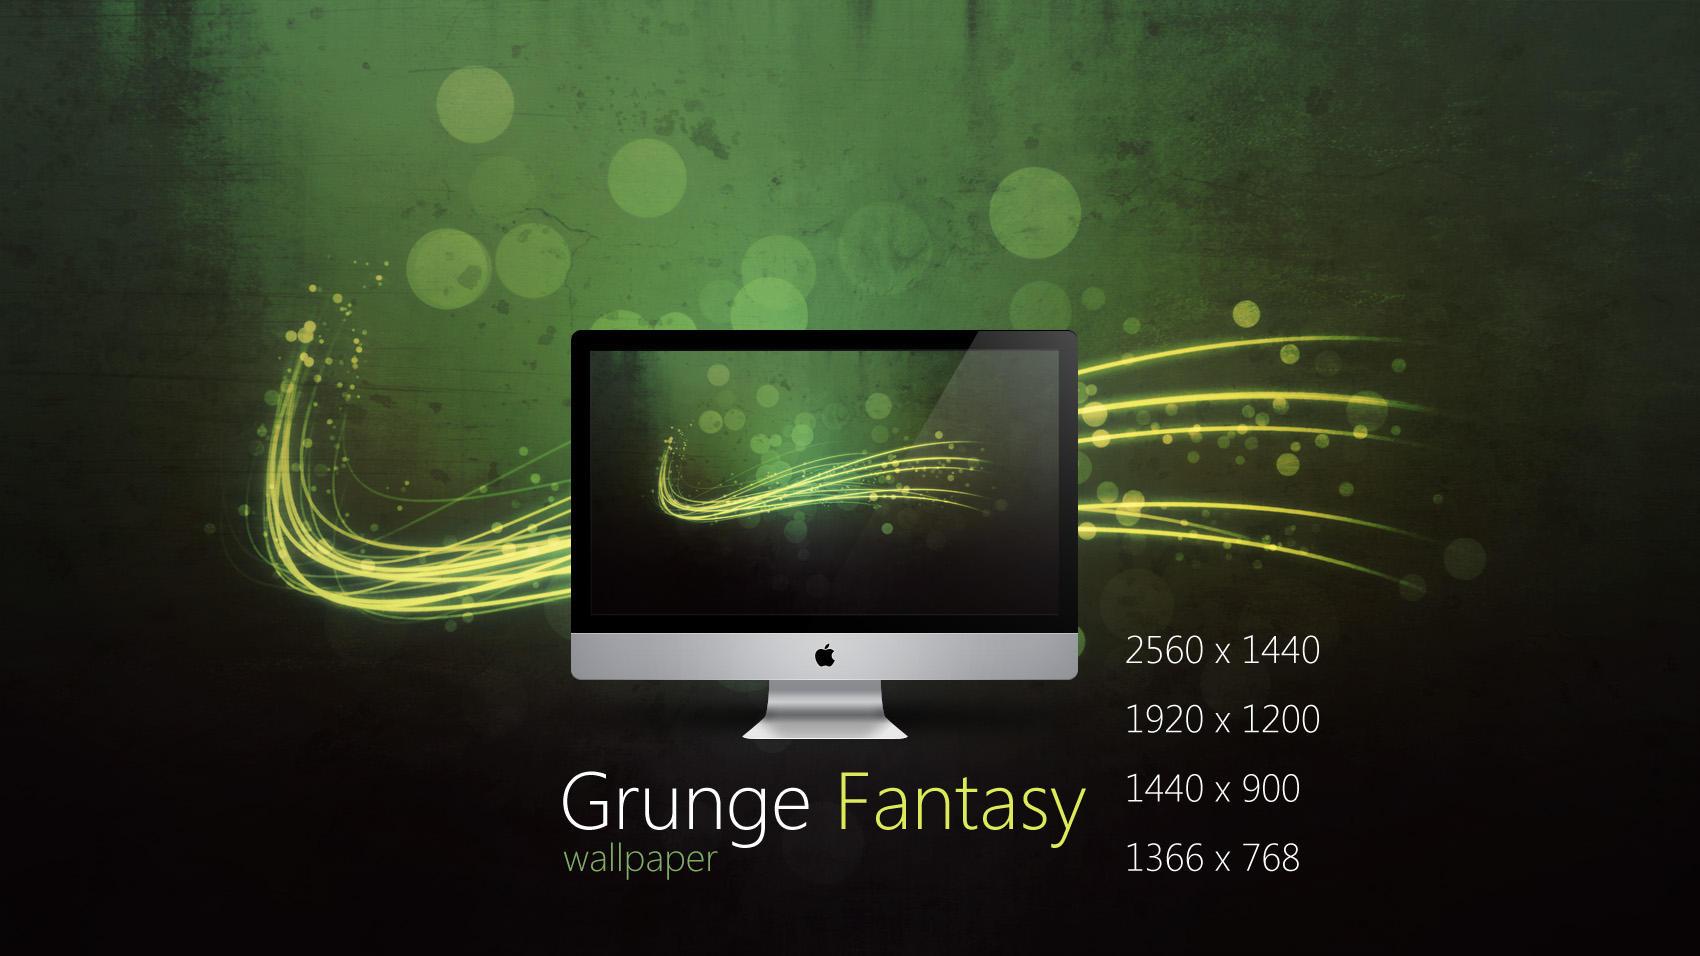 Grunge Fantasy Wallpaper by Martz90